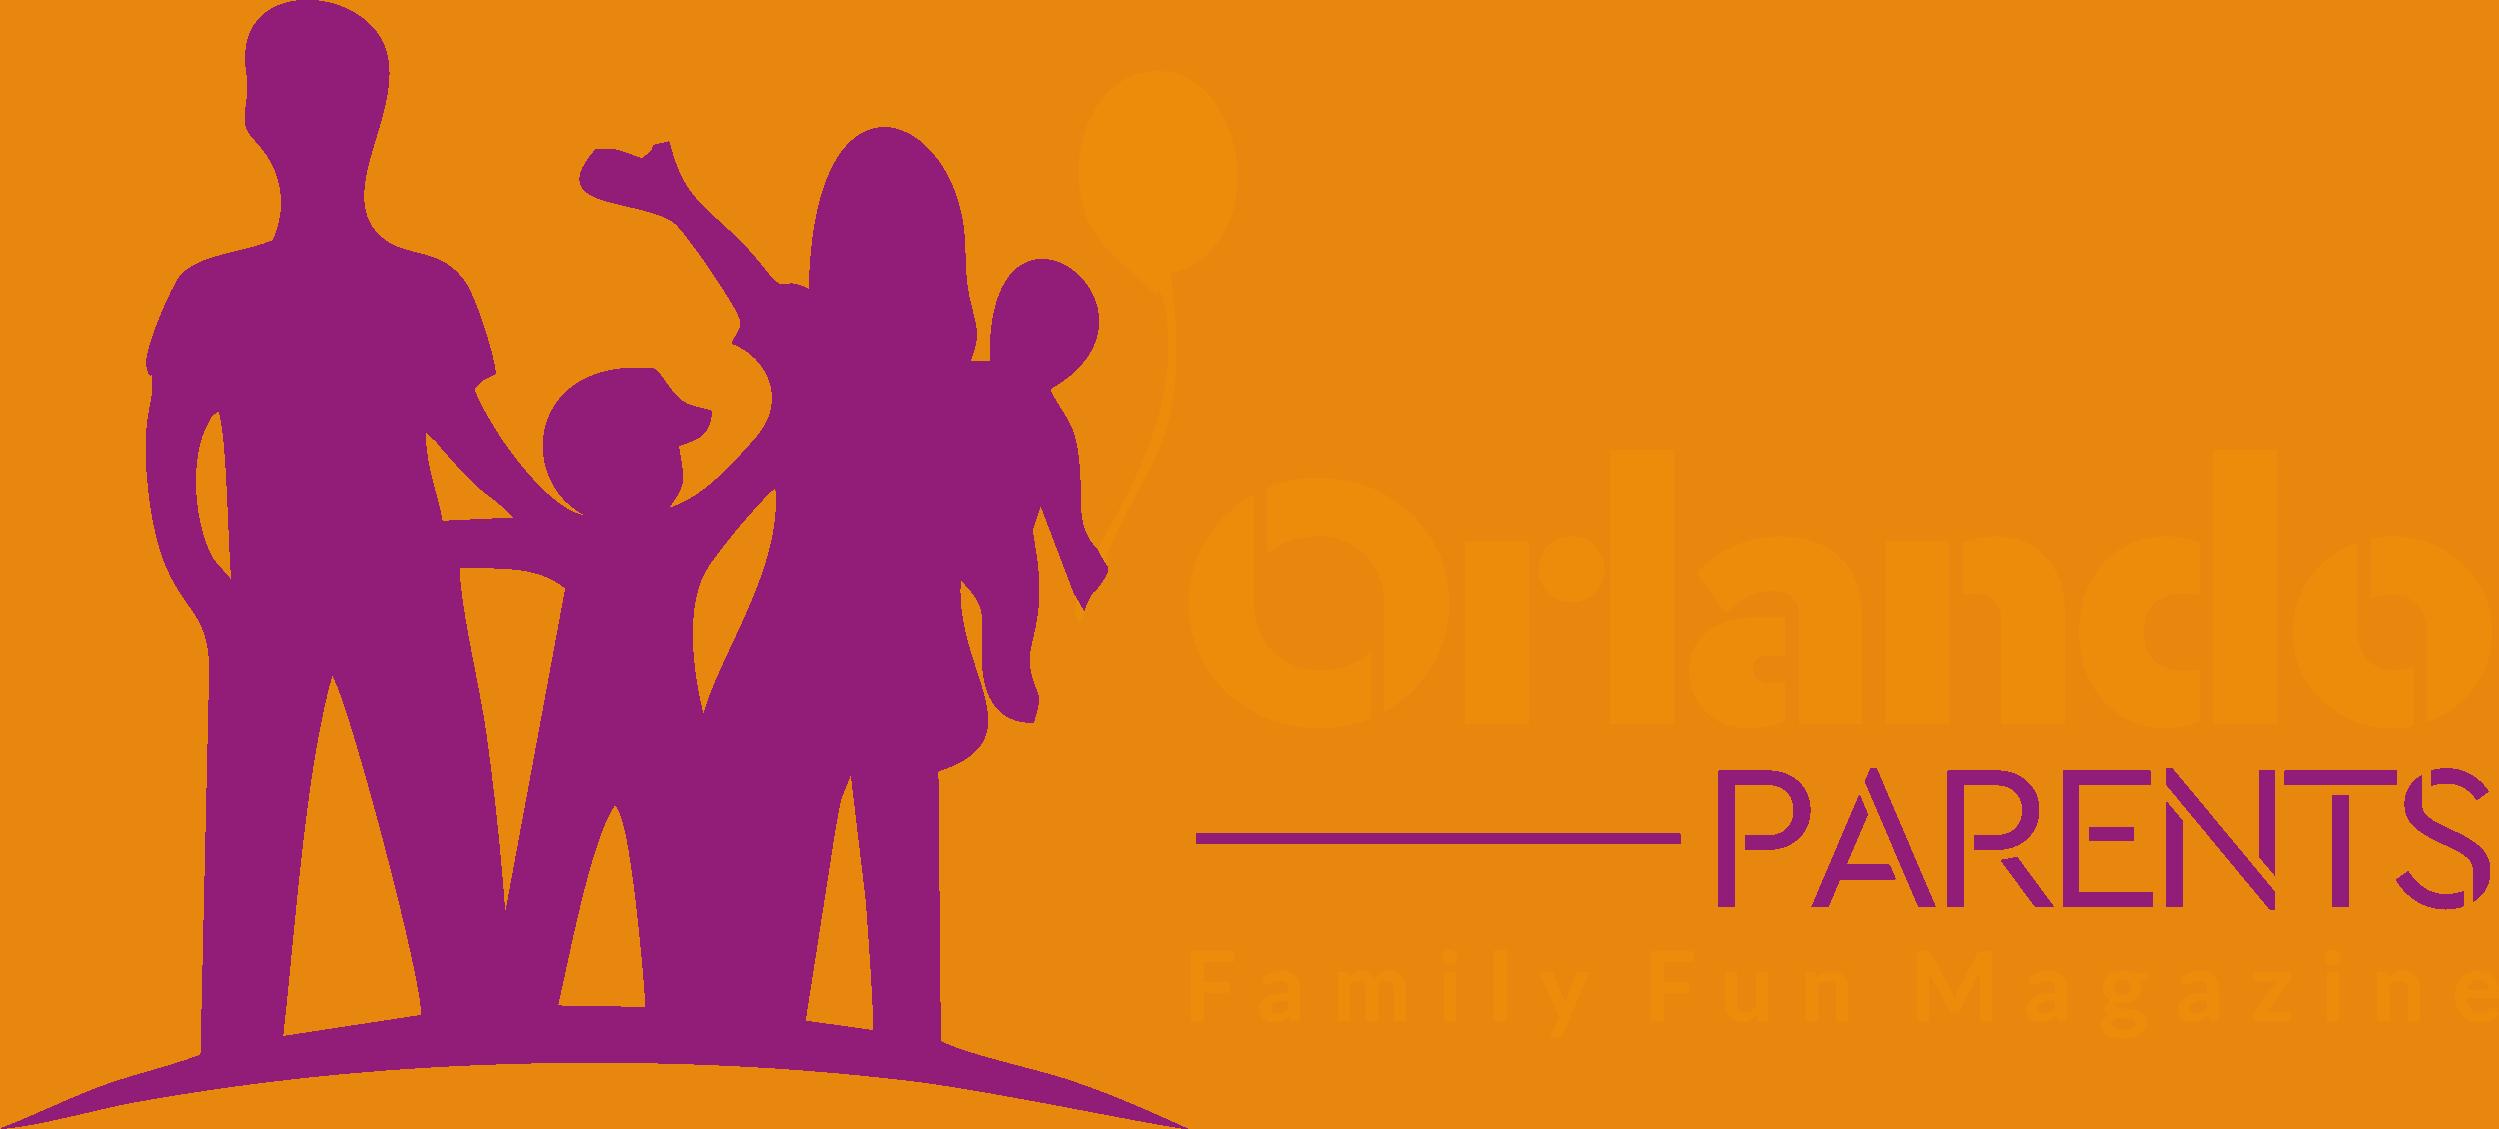 Orlando Parents Family Fun Magazine